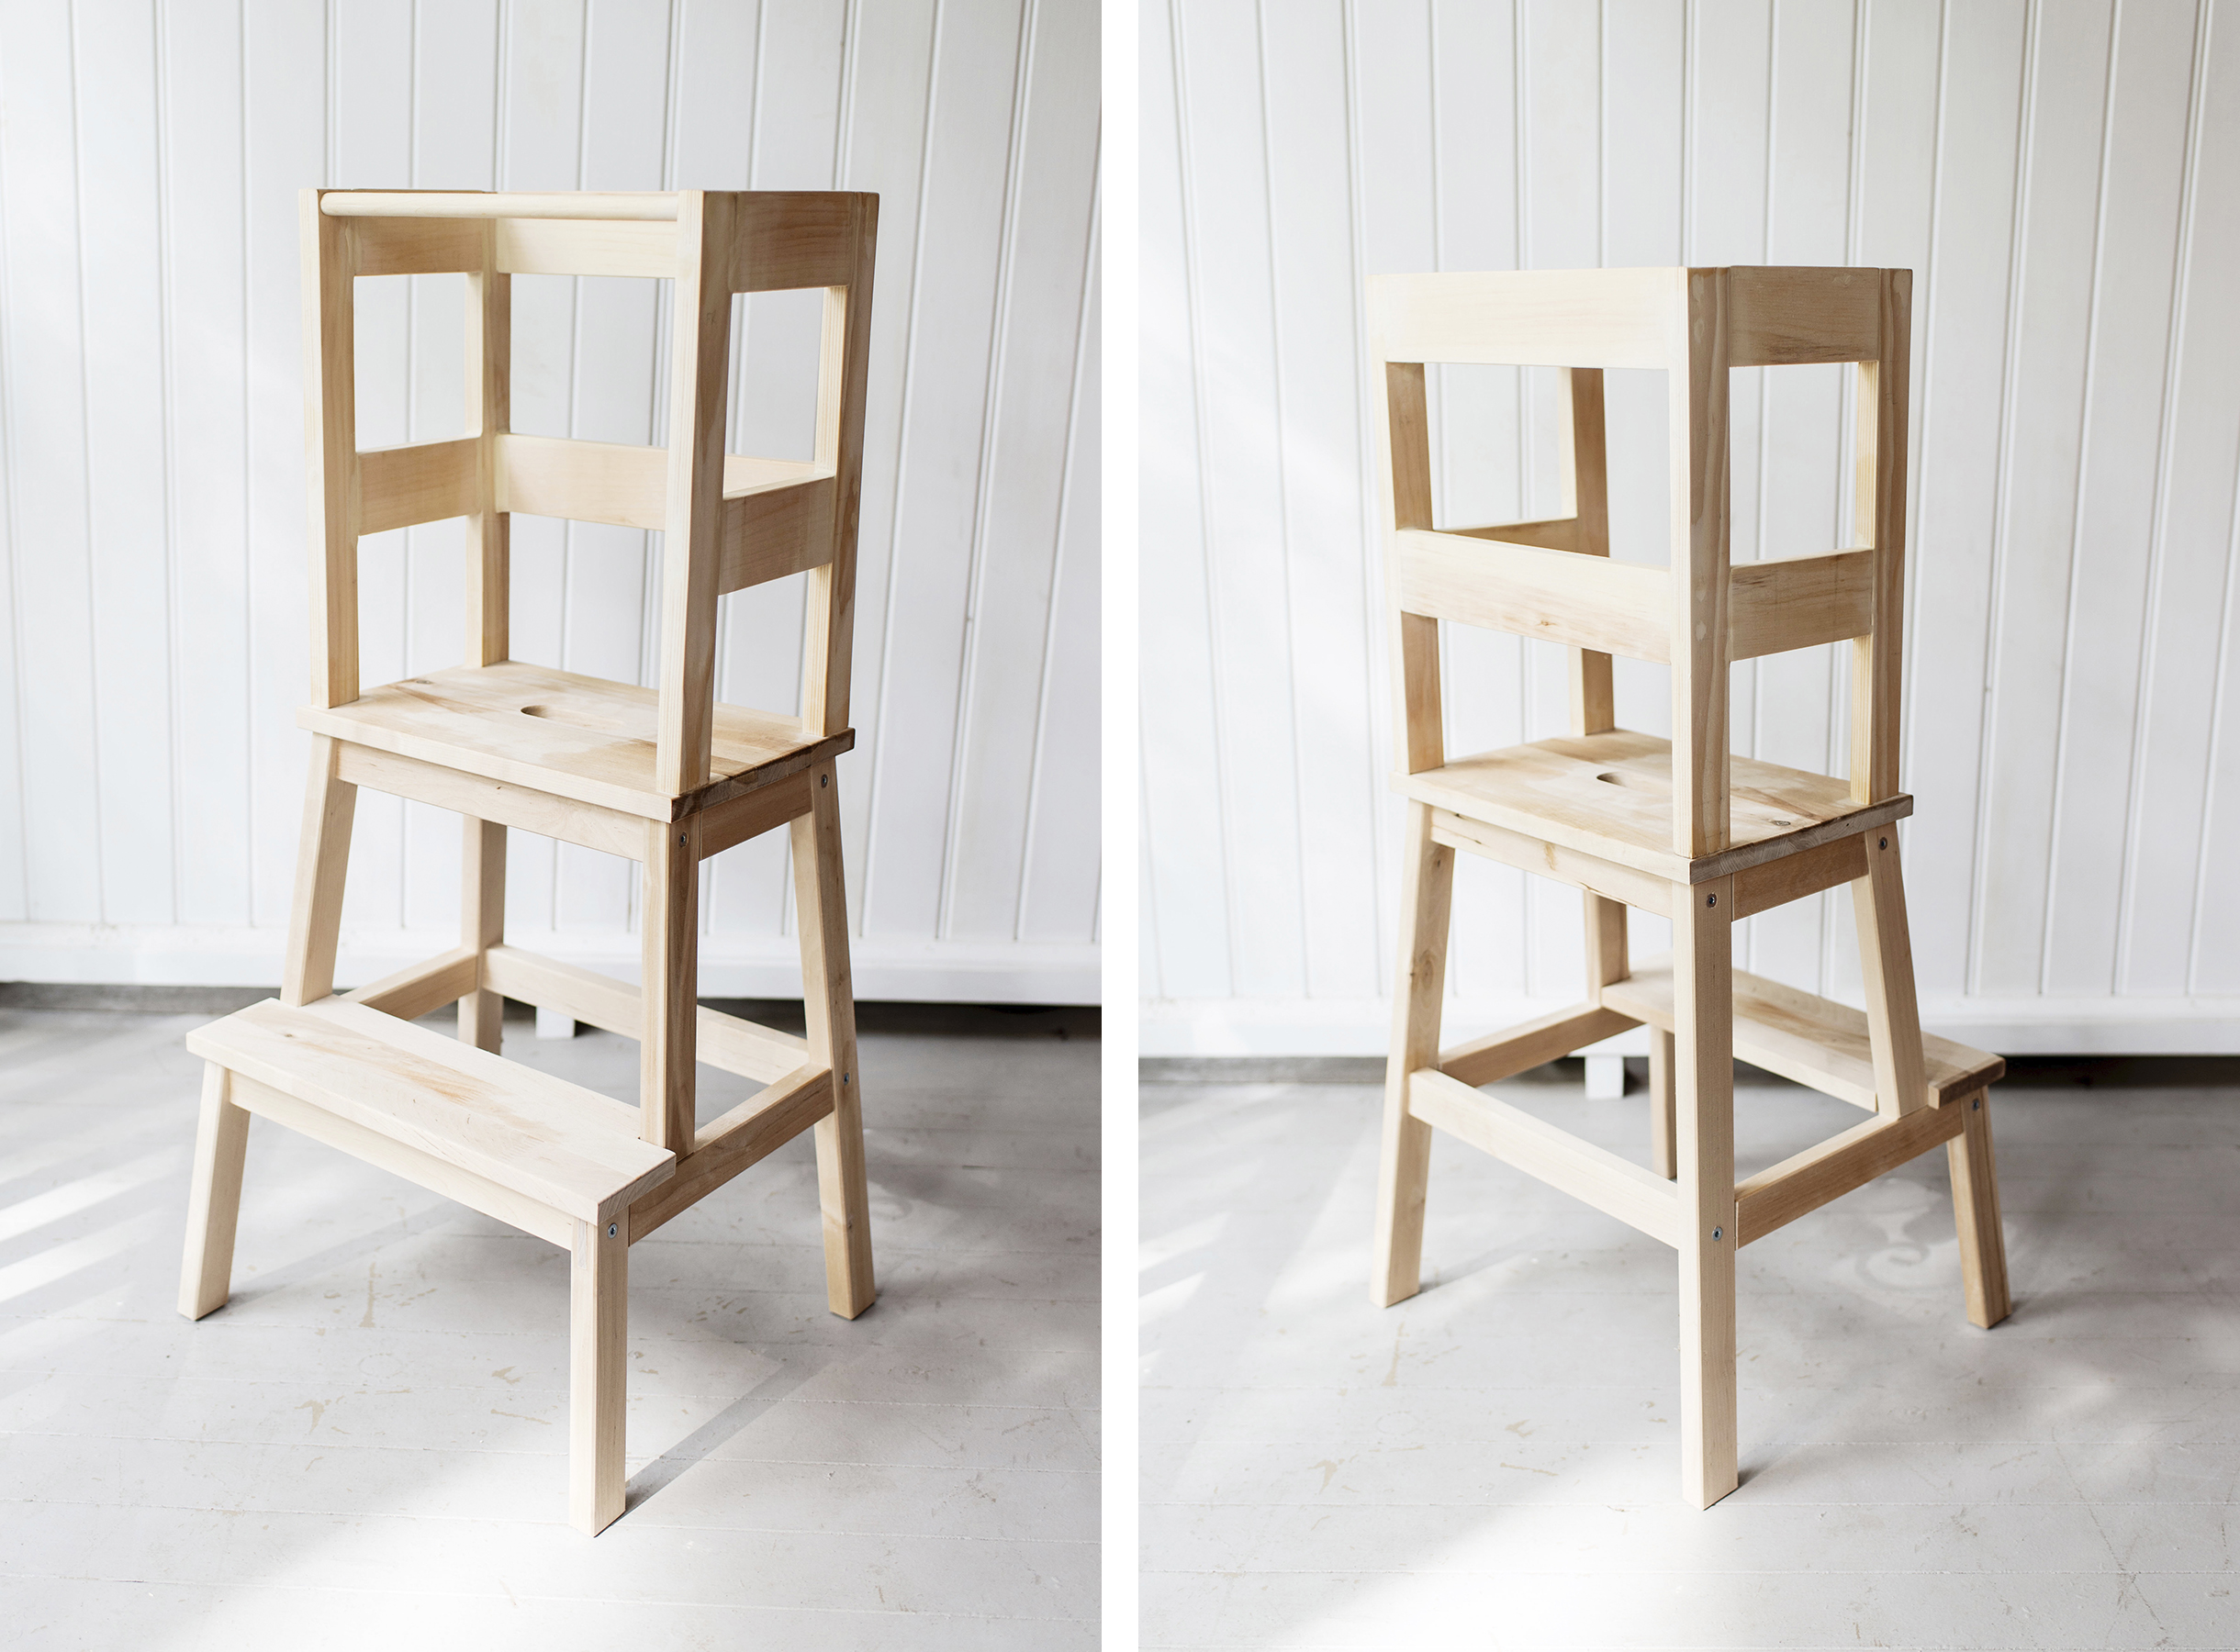 Ikea sgabelli alti beautiful with ikea sgabelli alti ikea